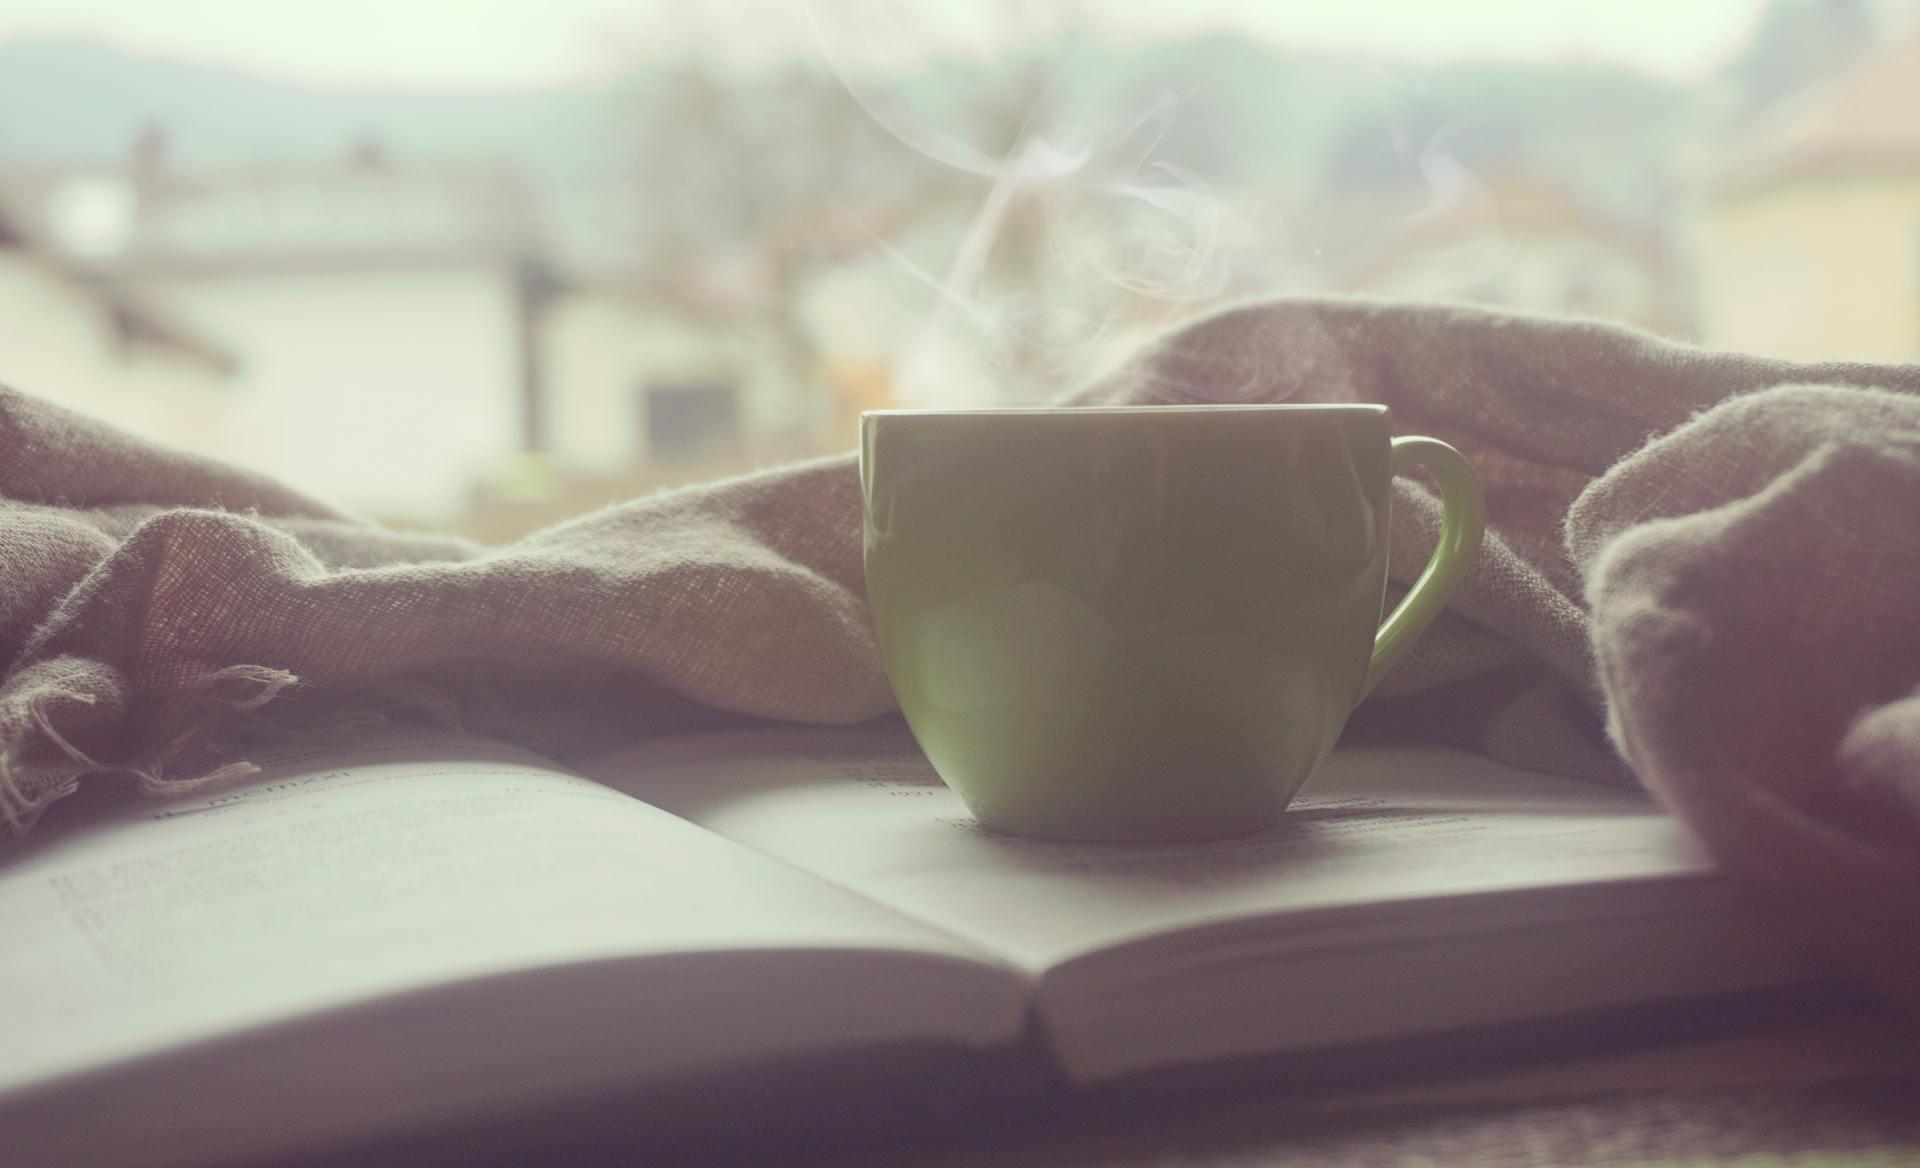 Knygos, kurias rekomenduoju perskaityti